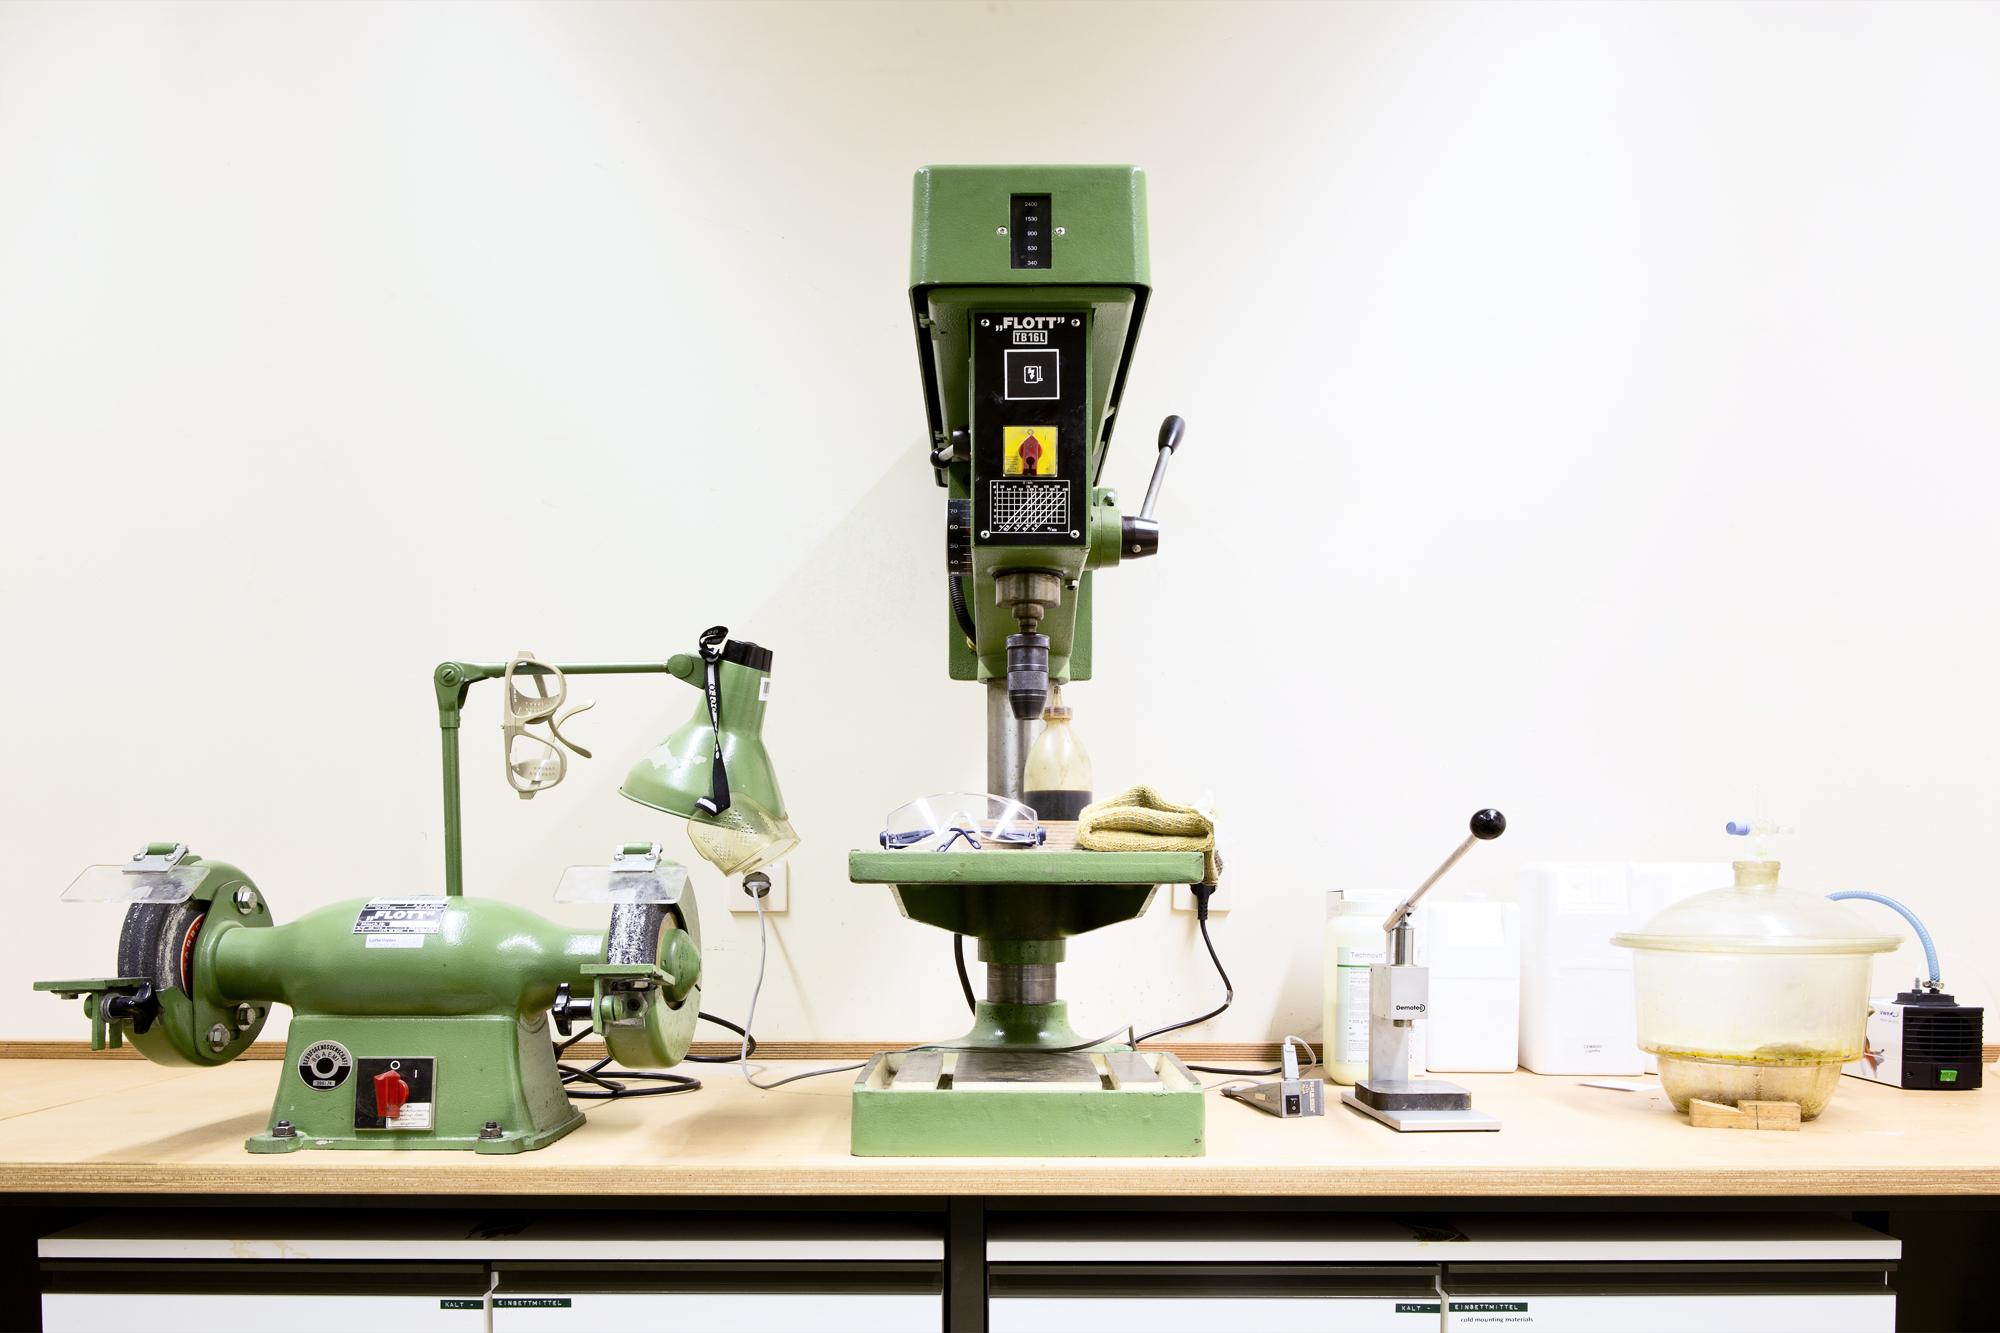 Werkstatt im Ausbildungsbereich Metallographie Lette Verein Berlin